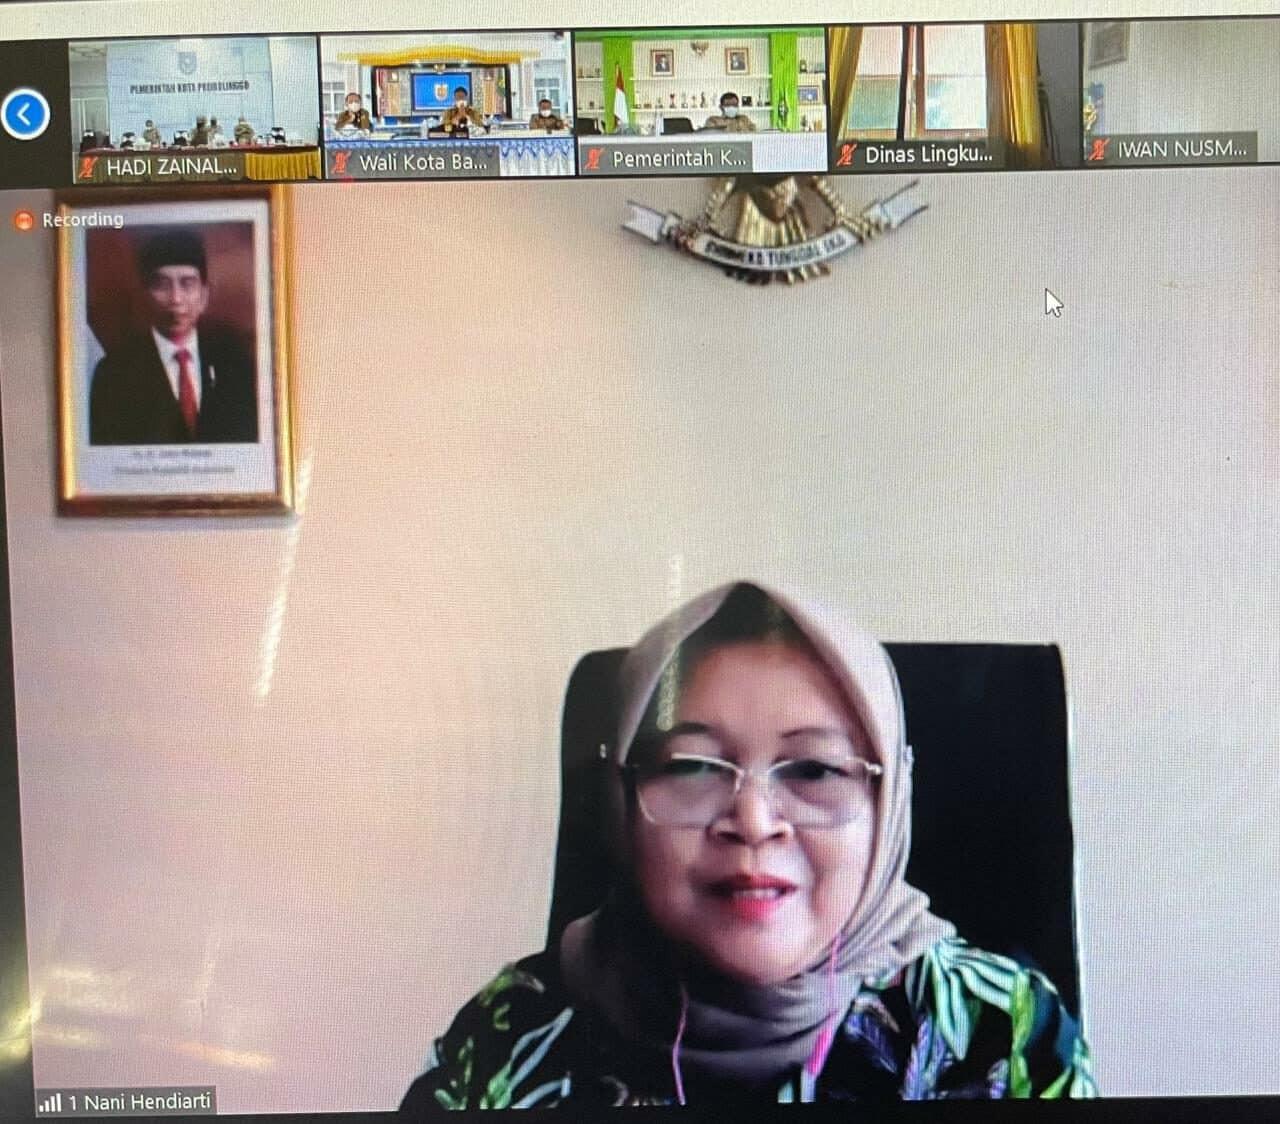 Bahas Target Pengurangan Sampah di Indonesia, Deputi Nani: Perlu Kolaborasi Uji Komprehensif